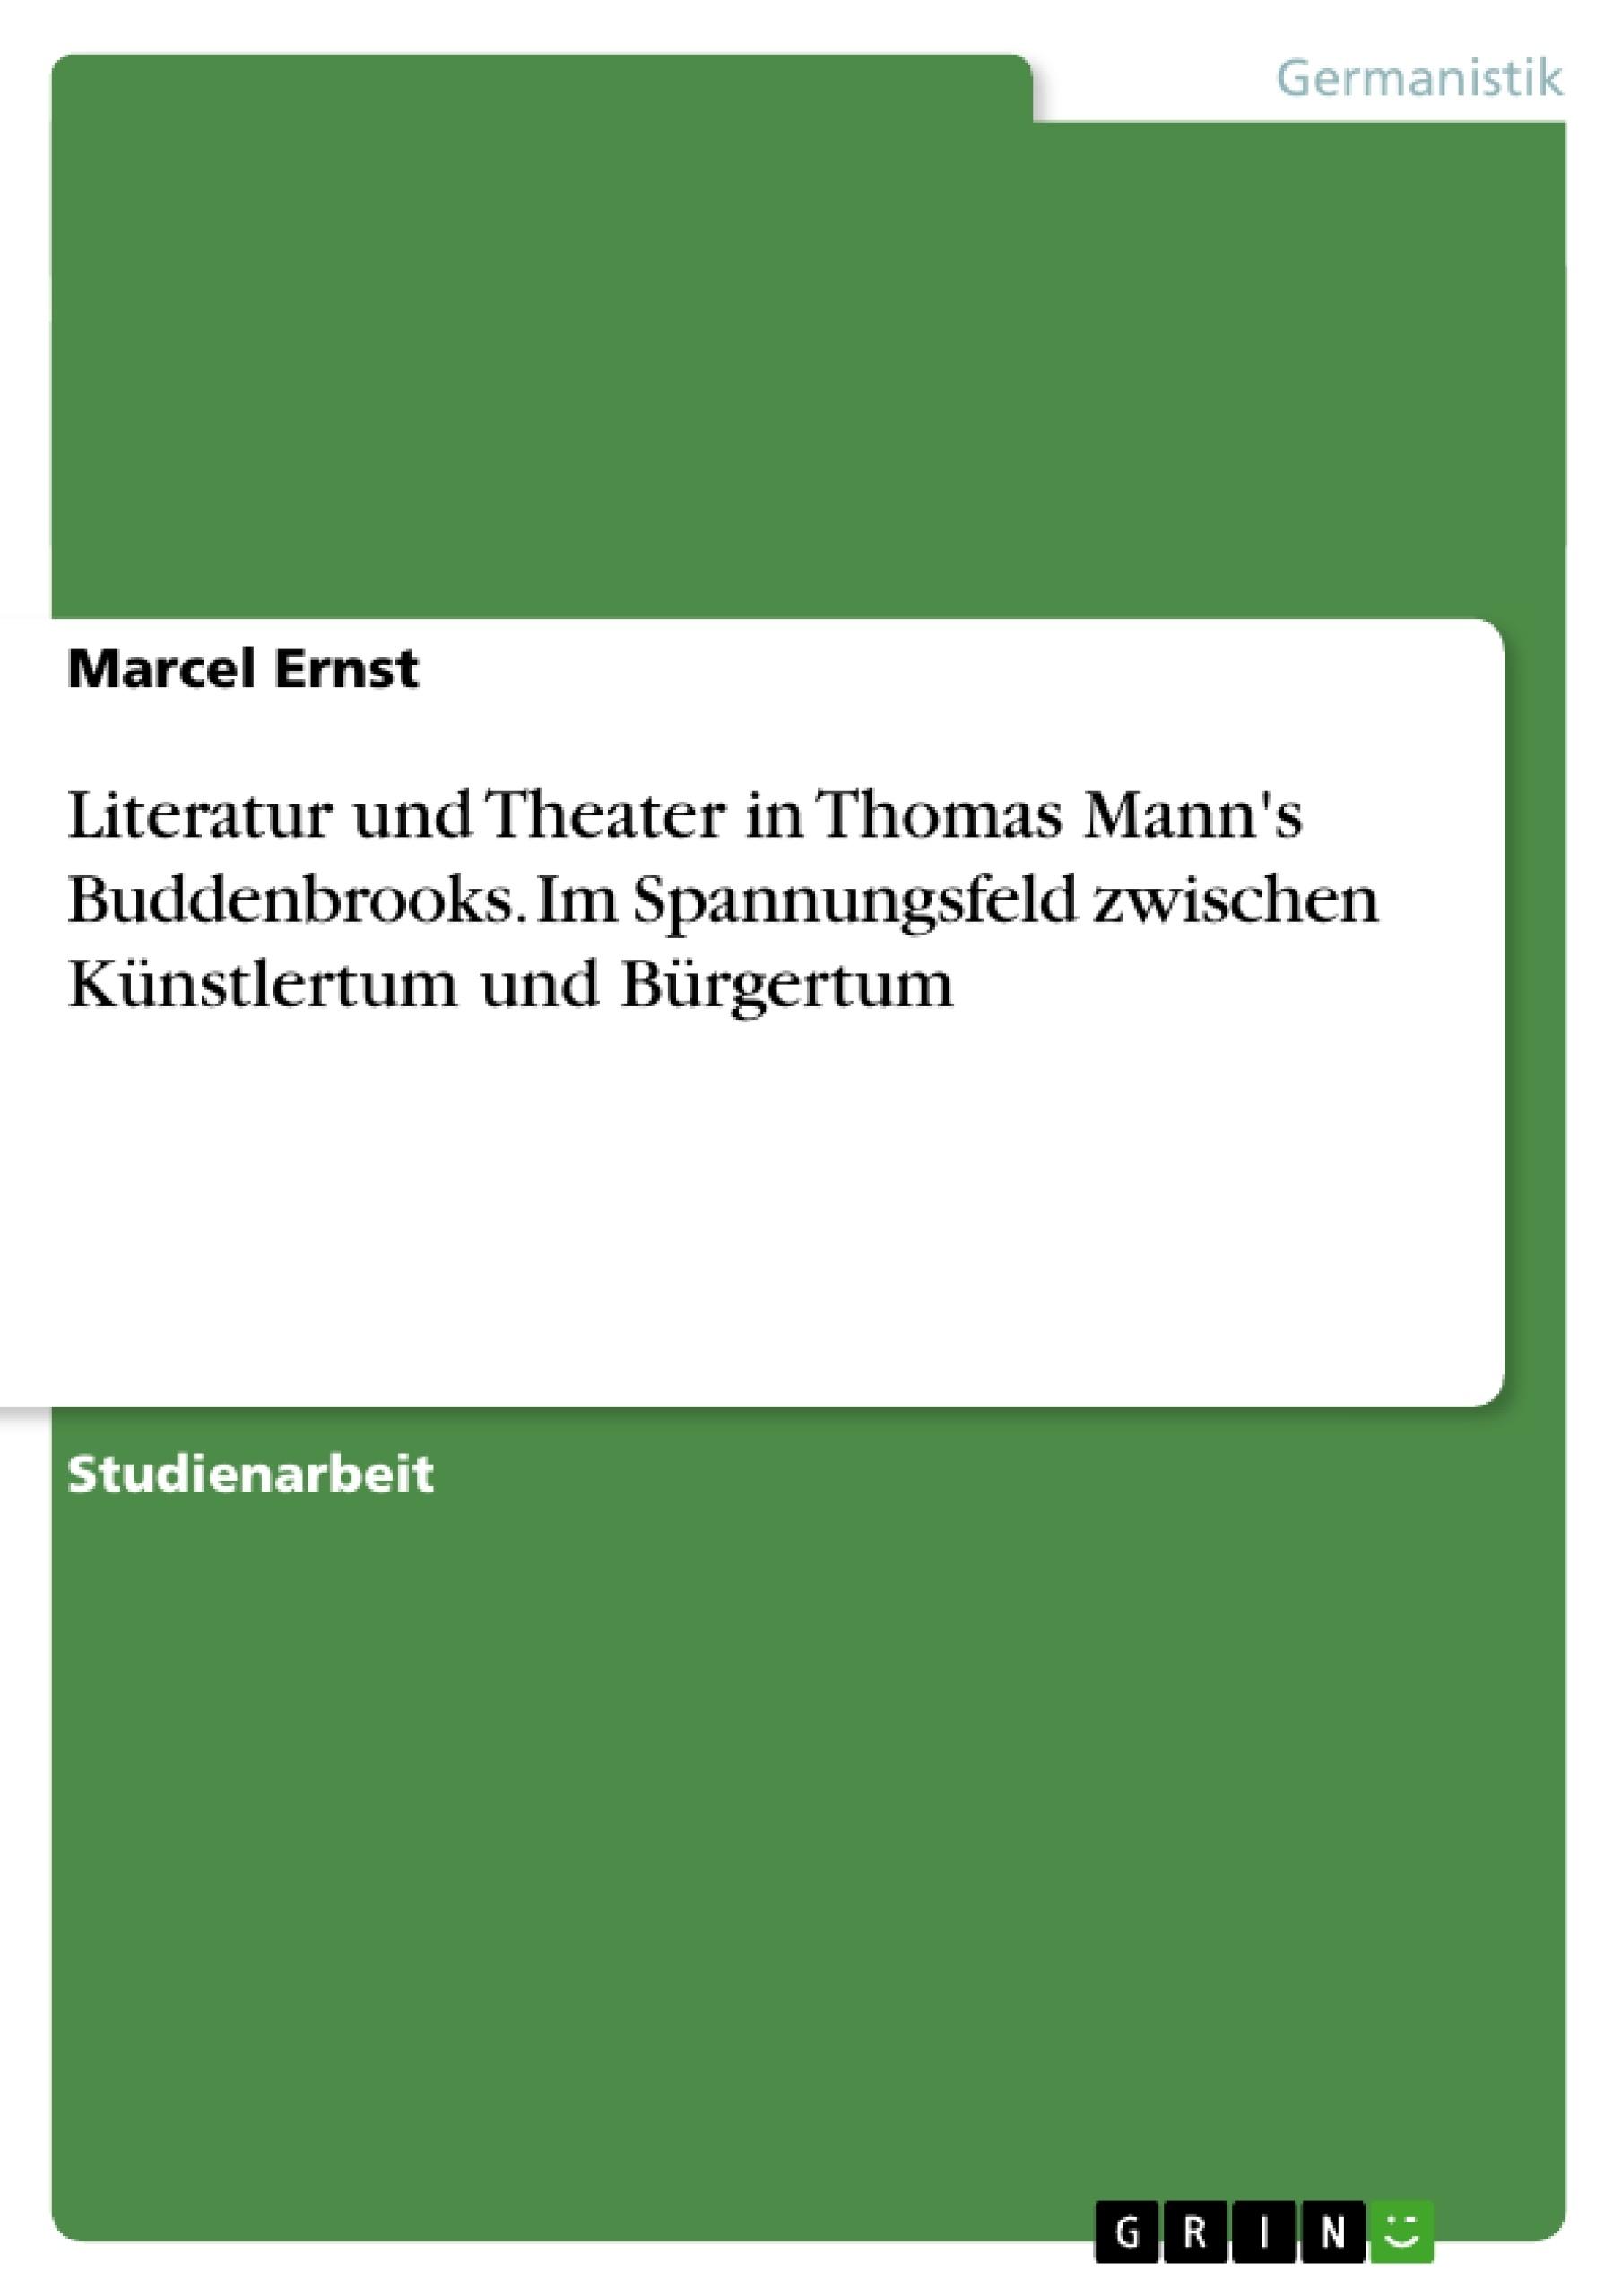 Titel: Literatur und Theater in Thomas Mann's Buddenbrooks. Im Spannungsfeld zwischen Künstlertum und Bürgertum